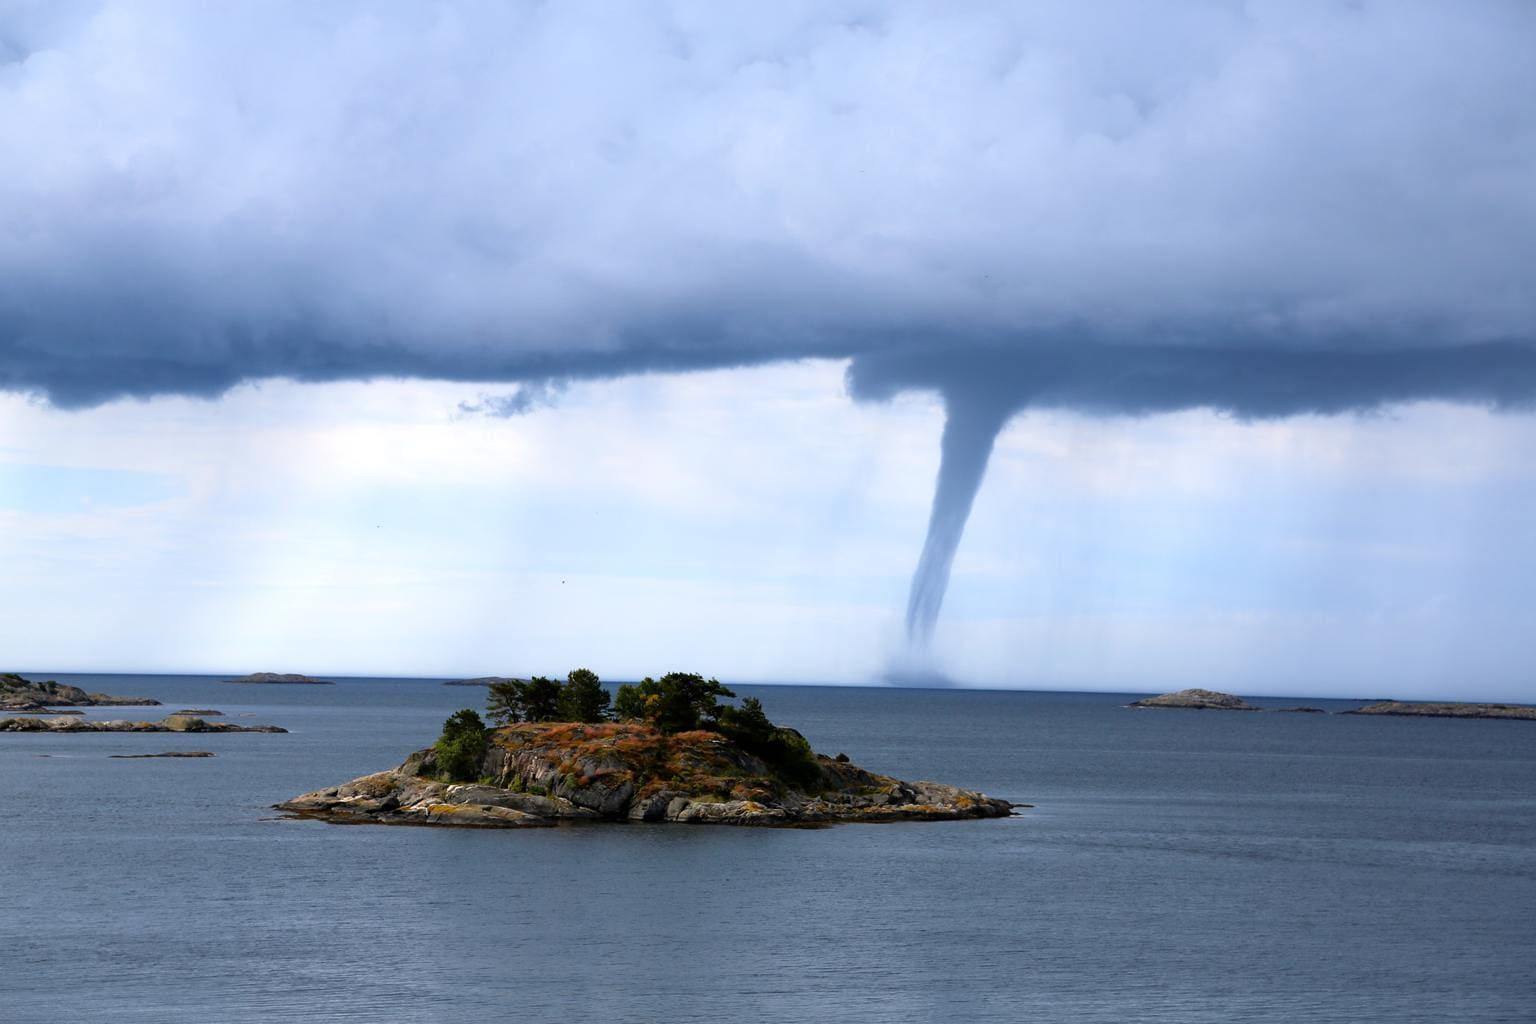 Utilizar las tormentas y el mal tiempo para dar vida a las imágenes